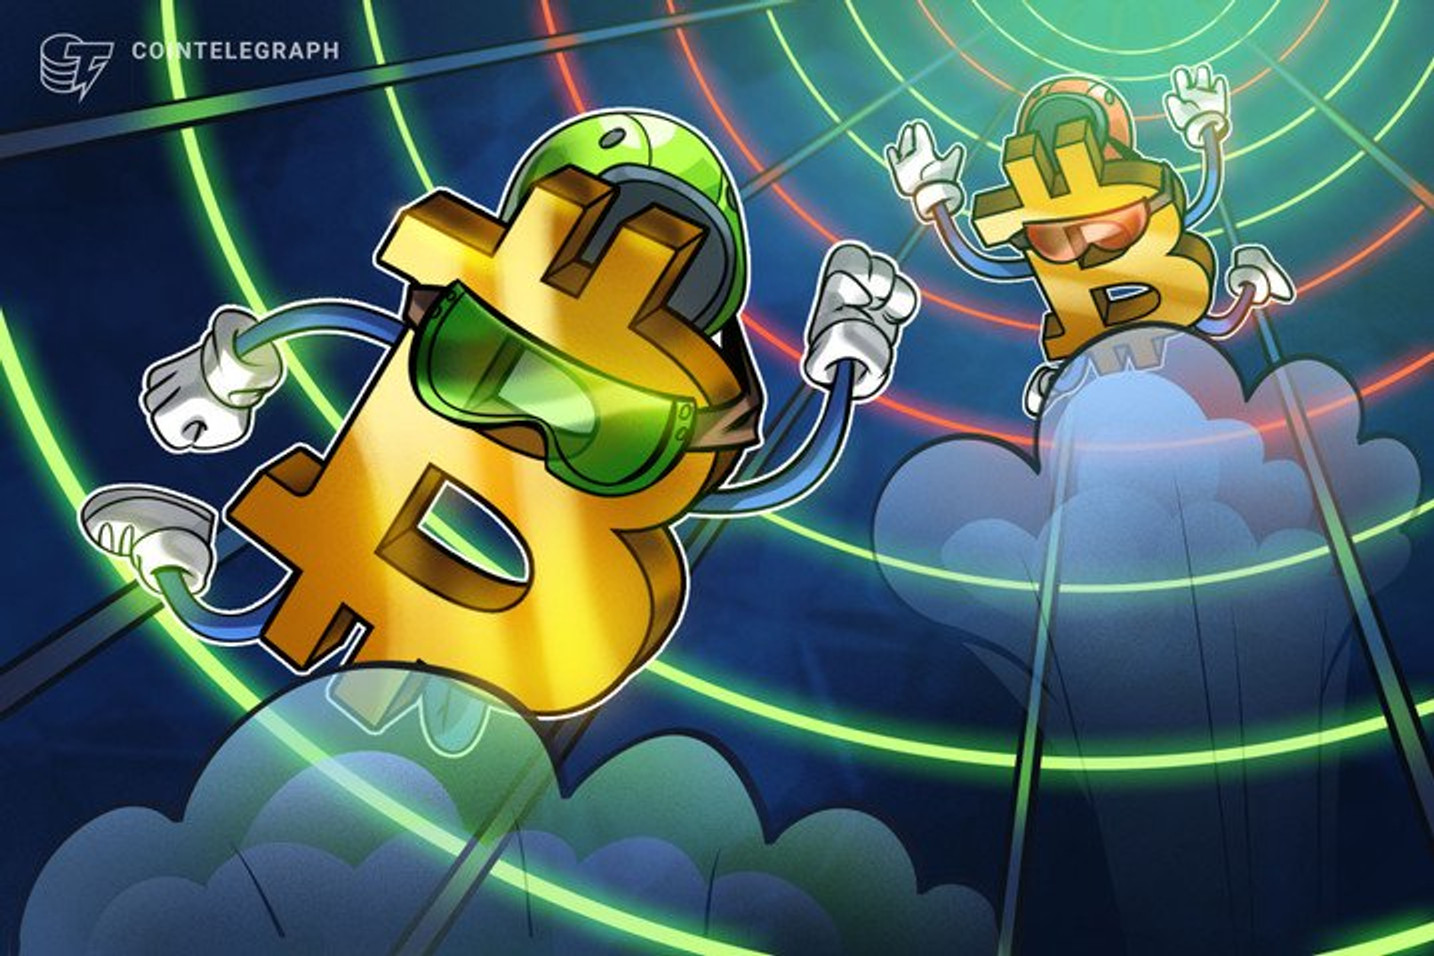 'Bancos Centrais estão caindo em descrédito contra a crise e Bitcoin pode tornar-se um refúgio', dizem analistas